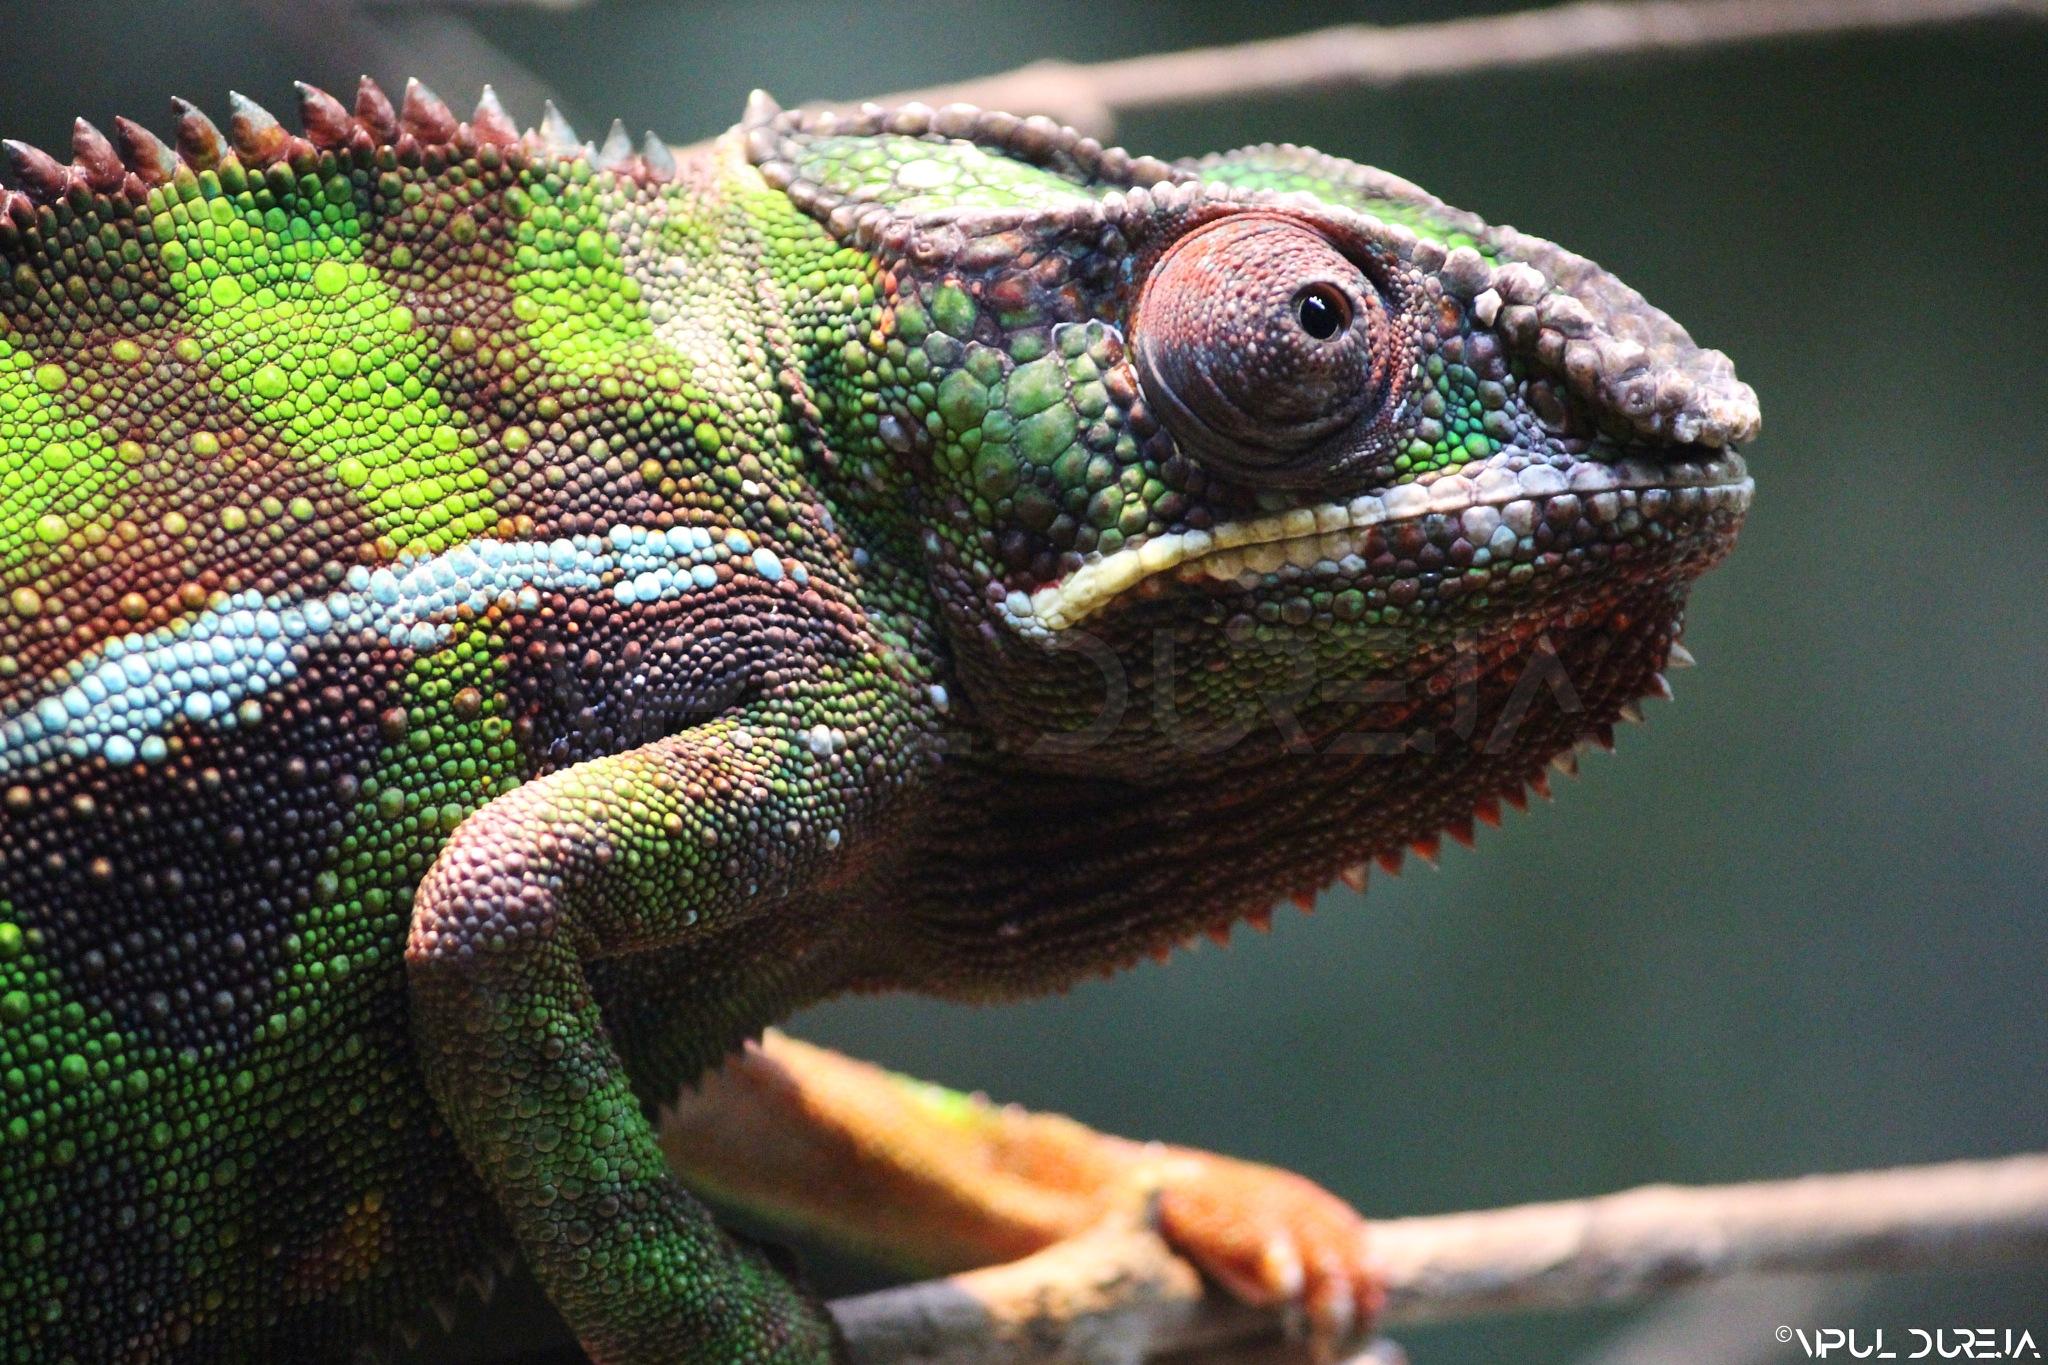 Scary Chameleon by Vipul Dureja